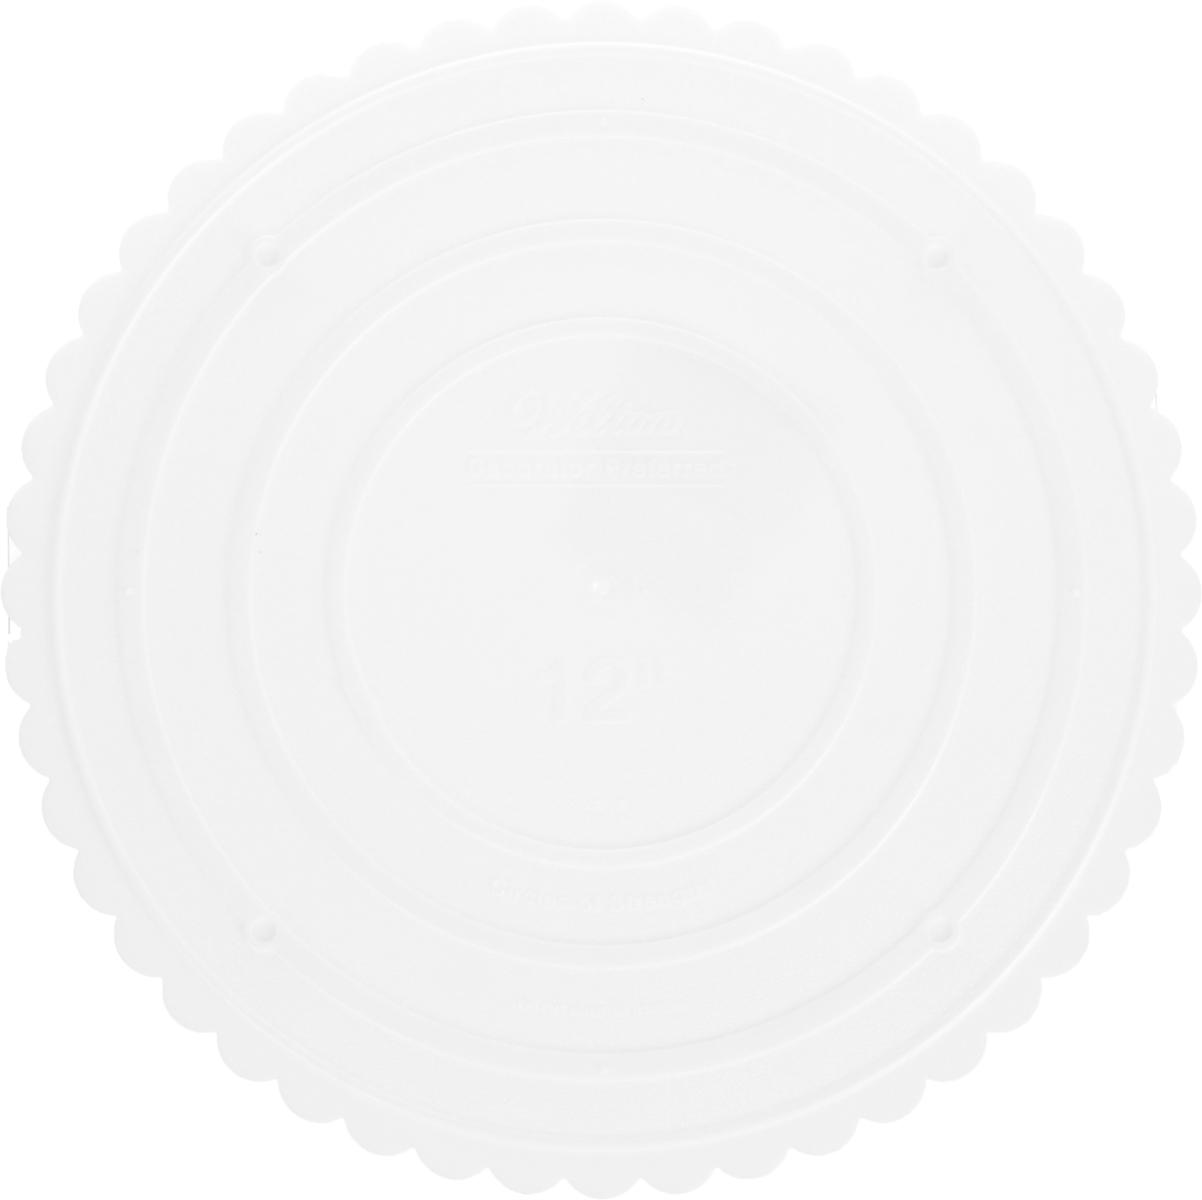 Тарелка для торта Wilton Выбор кондитера, круглая, диаметр 31 смWLT-302-12Такие круглые тарелки используются отдельно или для сборки многоуровневого торта. Надежная поддержка, гарантированное качество, красивые фестончатые края. Использовать с WLT-303-801, WLT-303-802, WLT-303-2322, WLT-399-801. Материал: пластик.Возрастная категория: 3+.